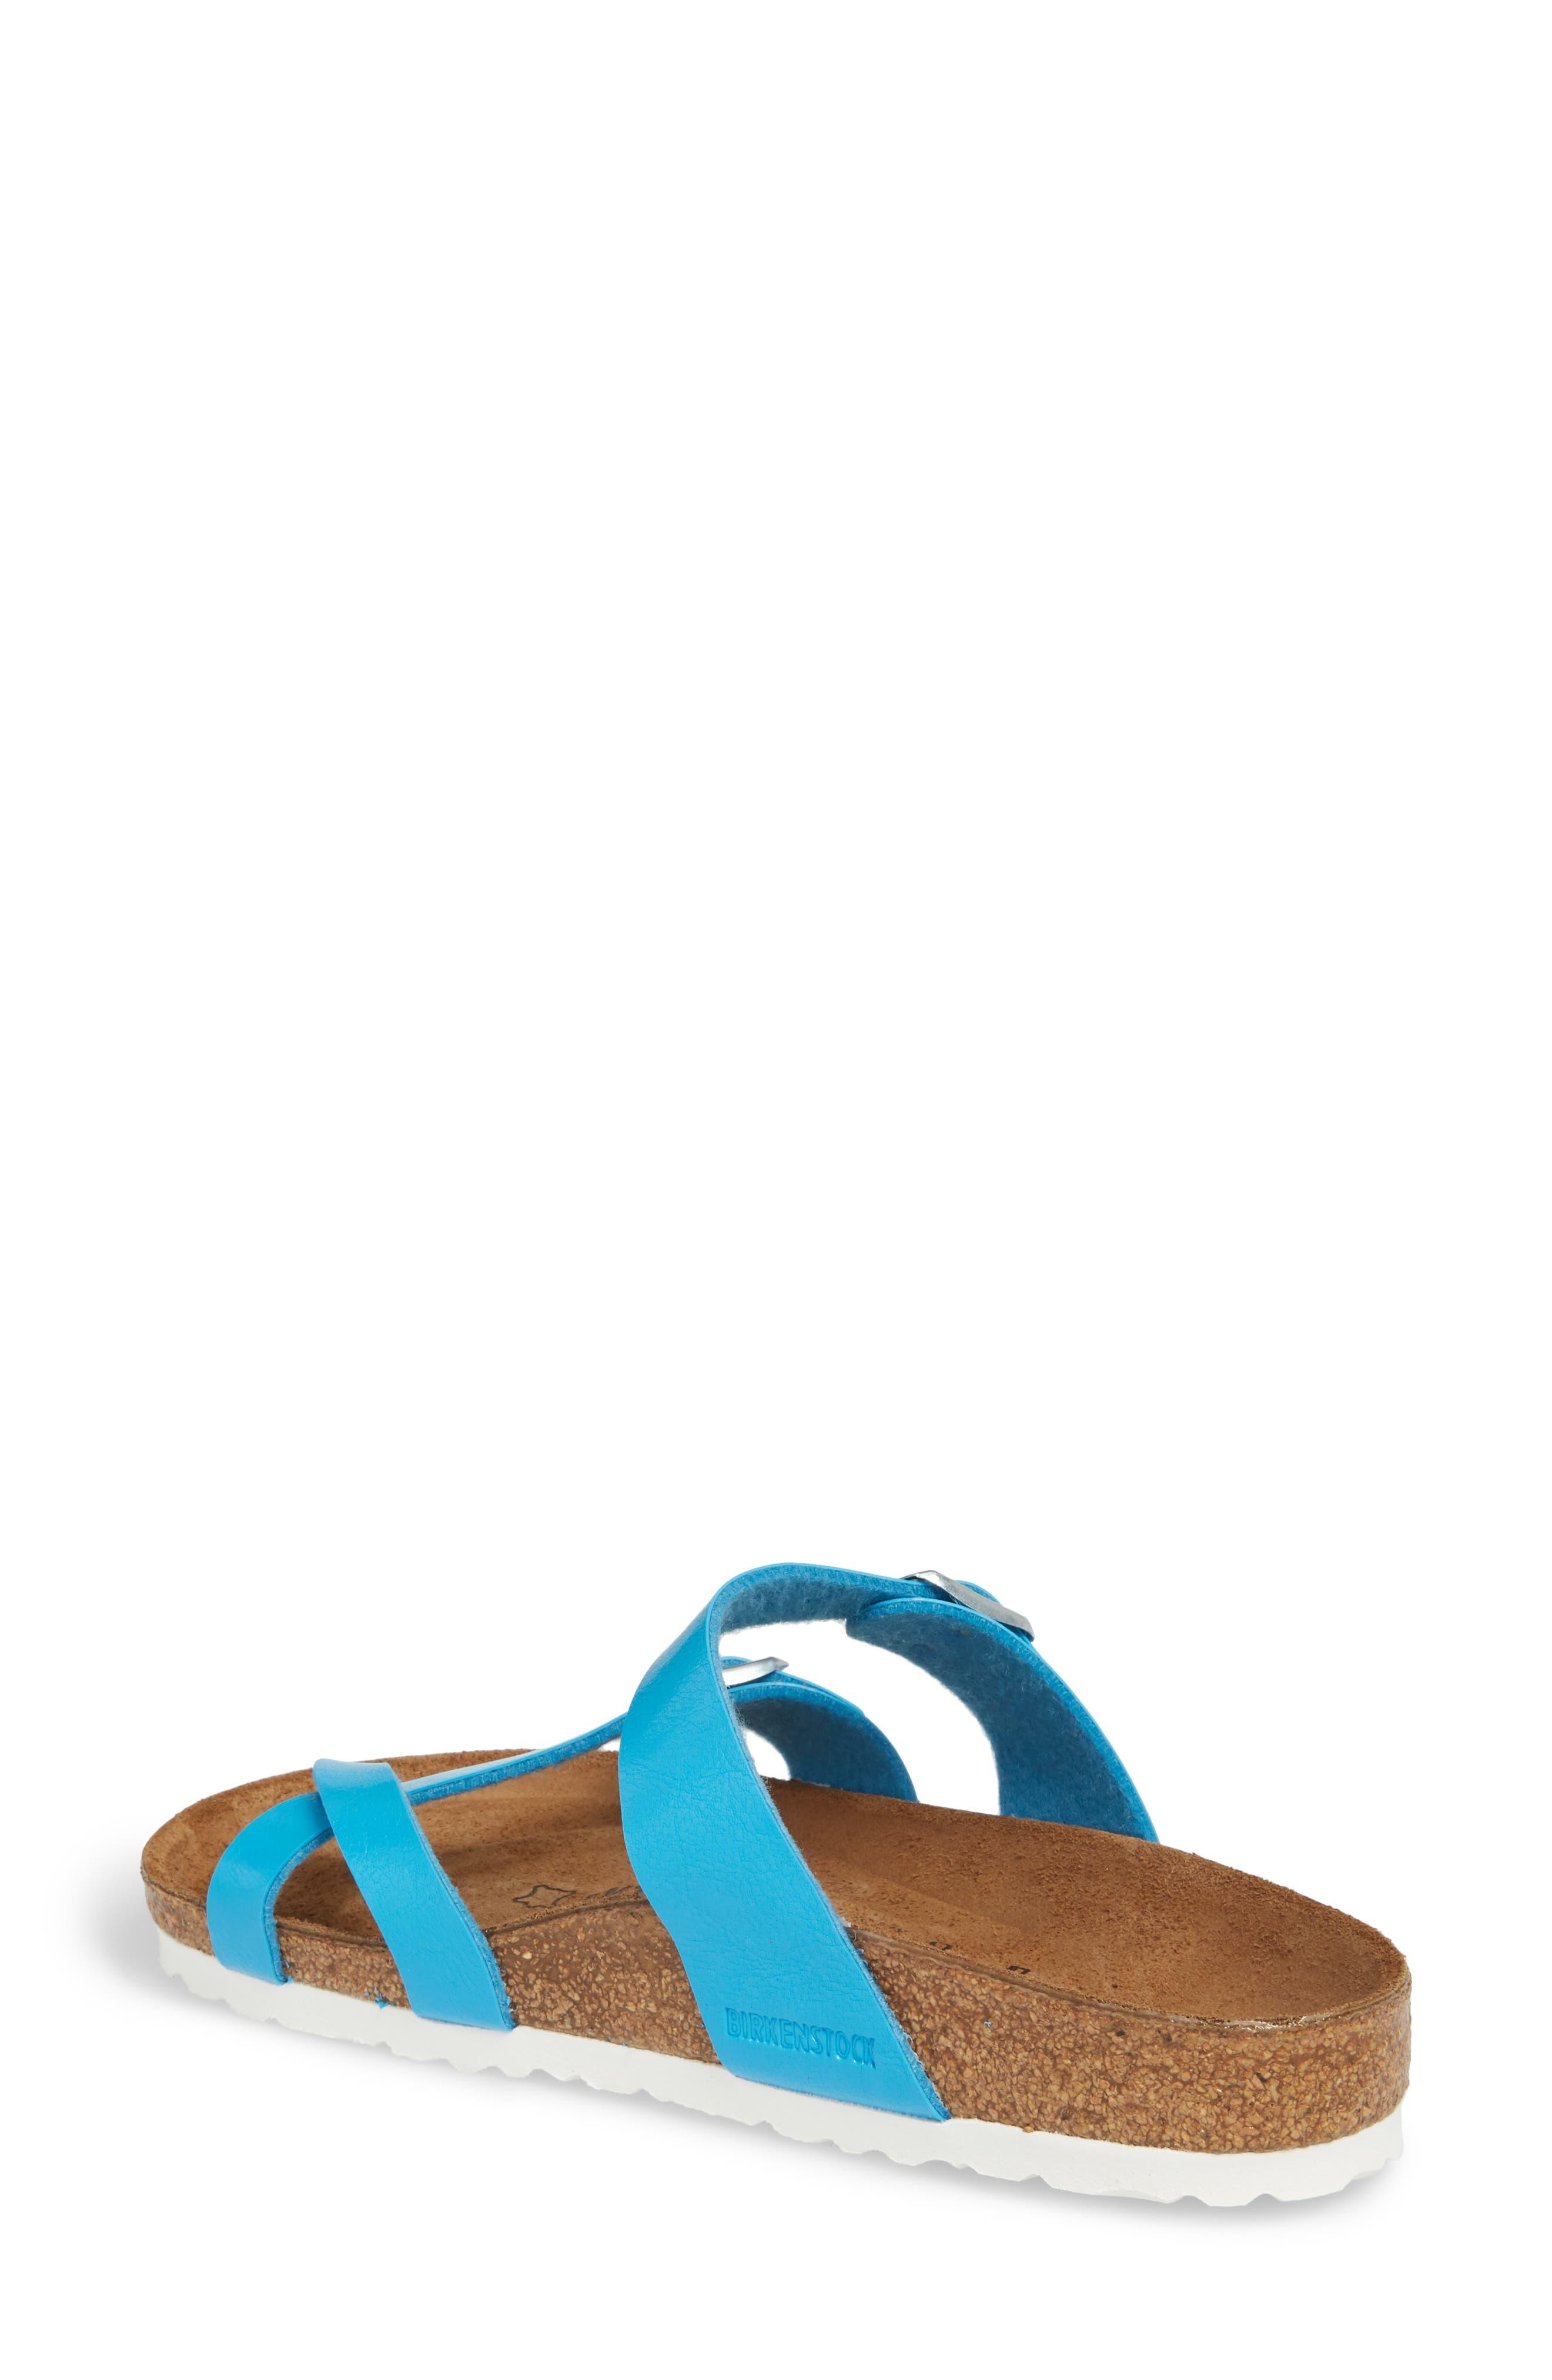 'Mayari' Birko-Flor<sup>™</sup> Sandal,                             Alternate thumbnail 34, color,